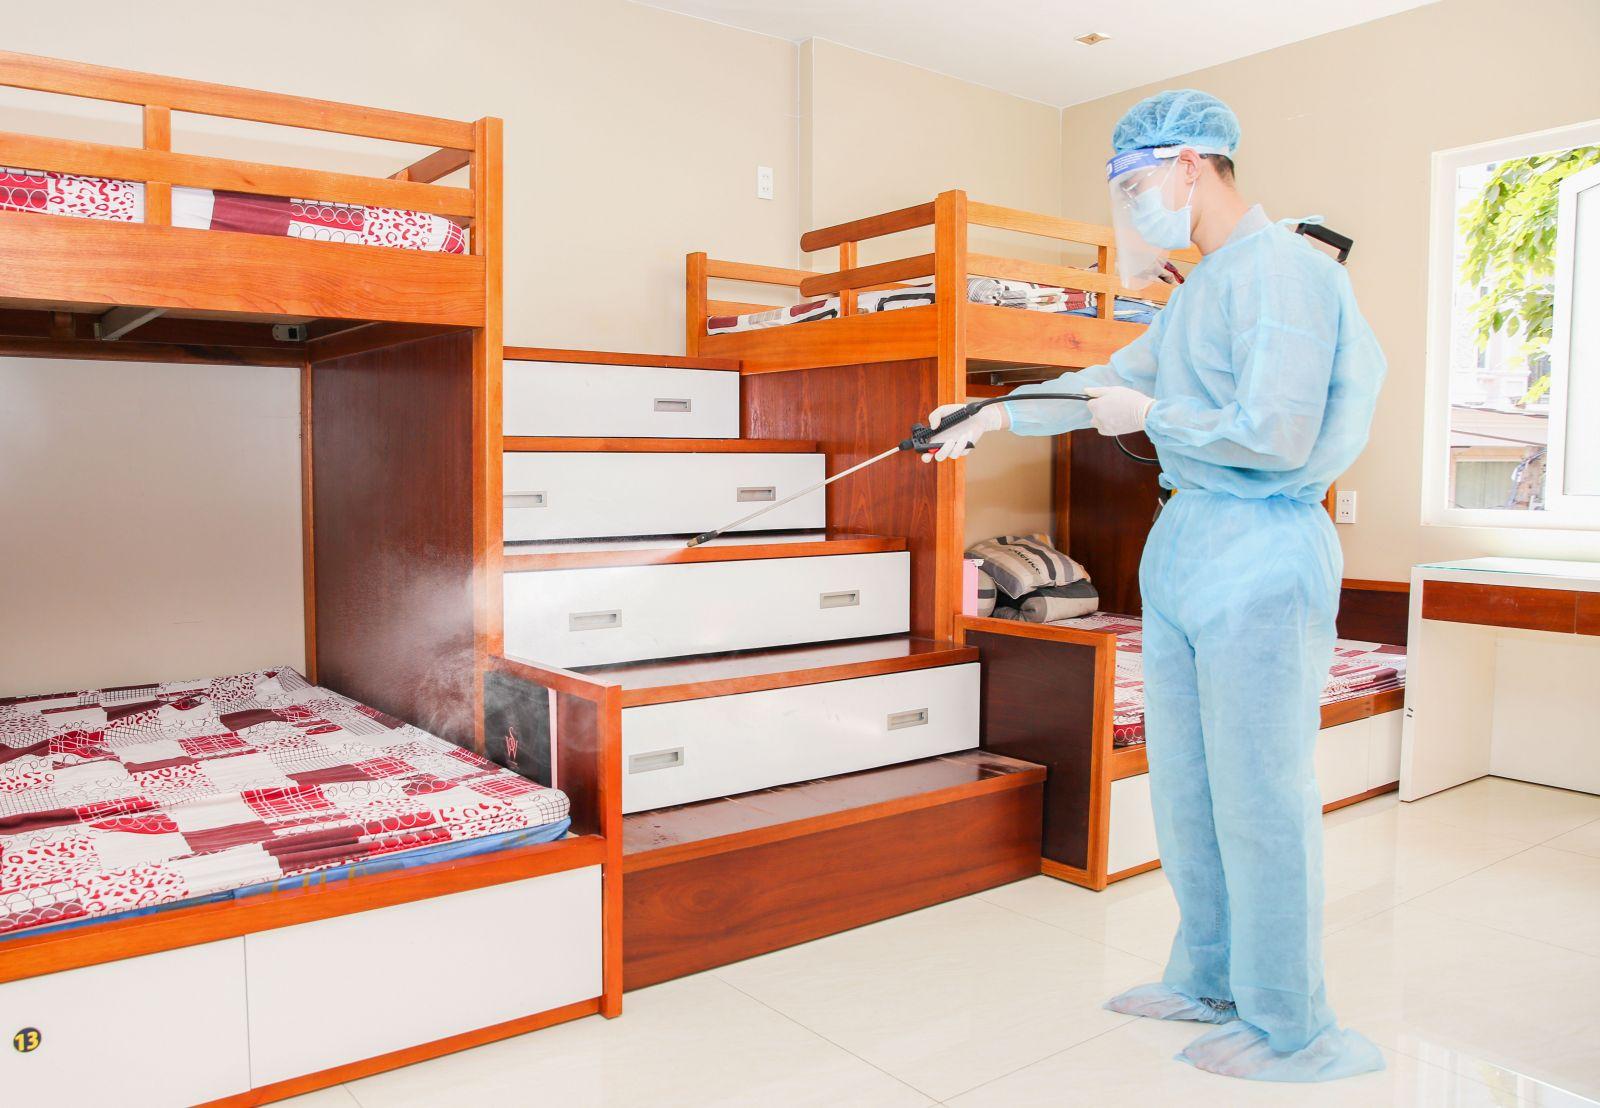 Tất cả các khu vực tự chủ động cách ly tập trung đều được khử khuẩn trước khi đón nhân viên.